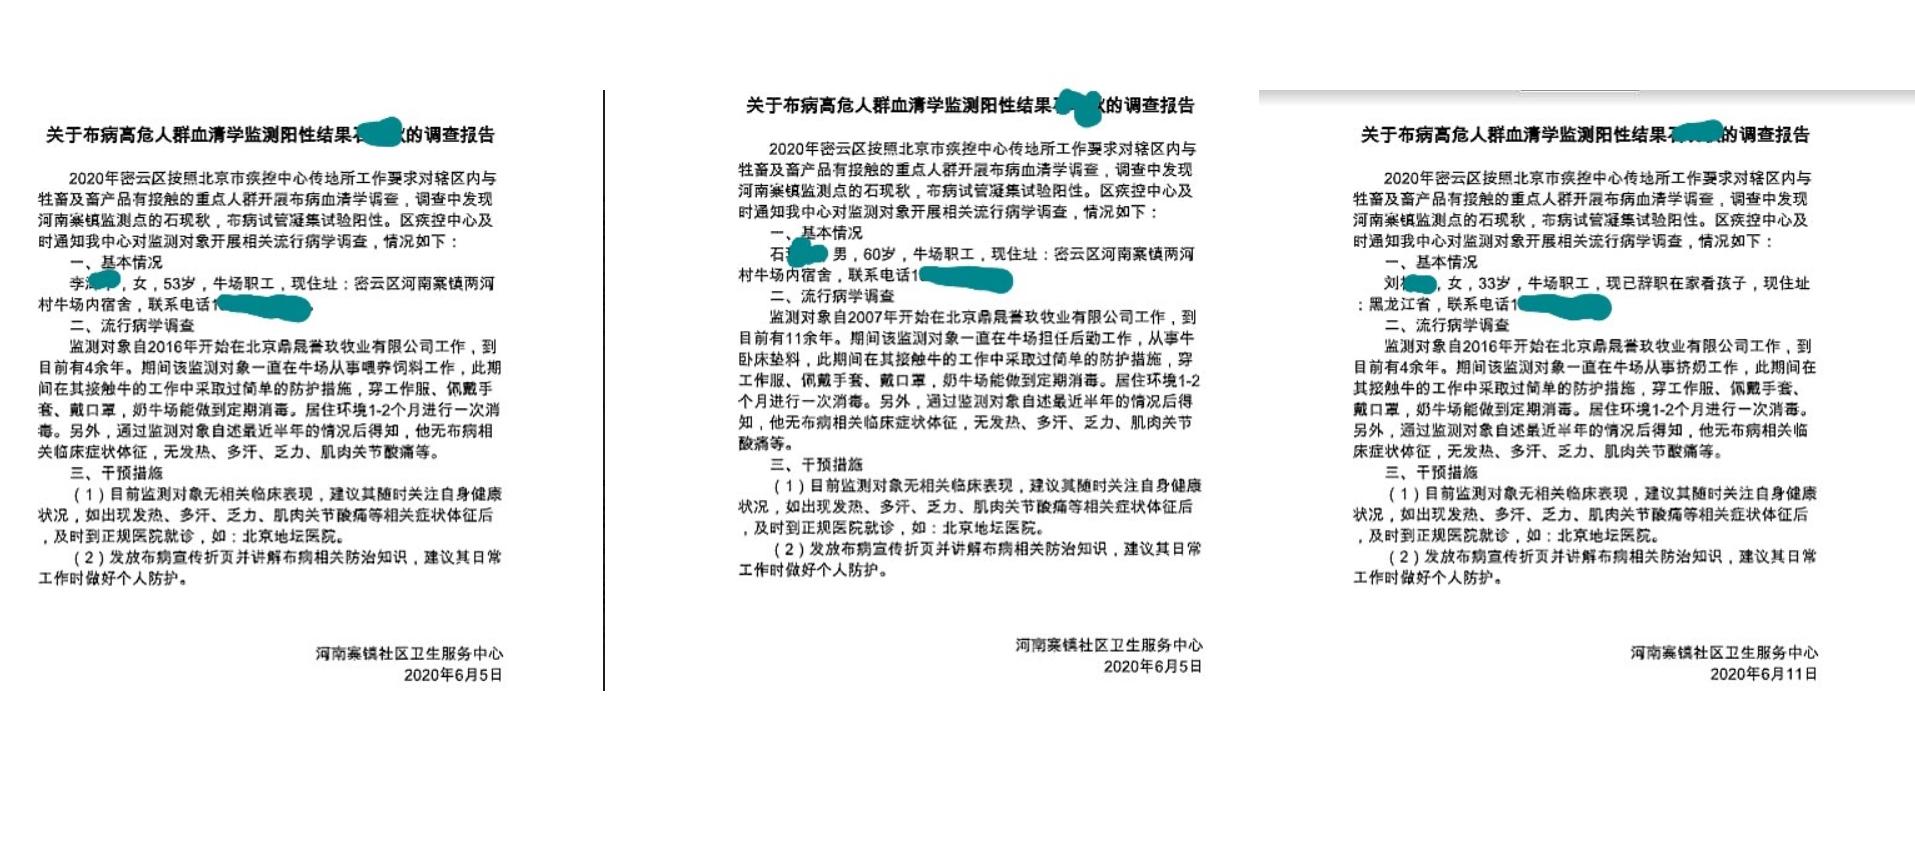 北京密雲區河南寨鎮社區衛生服務中心,在6月5日和6月11日的《關於布病高危人群血清學監測陽性結果的調查報告》(大紀元合成)